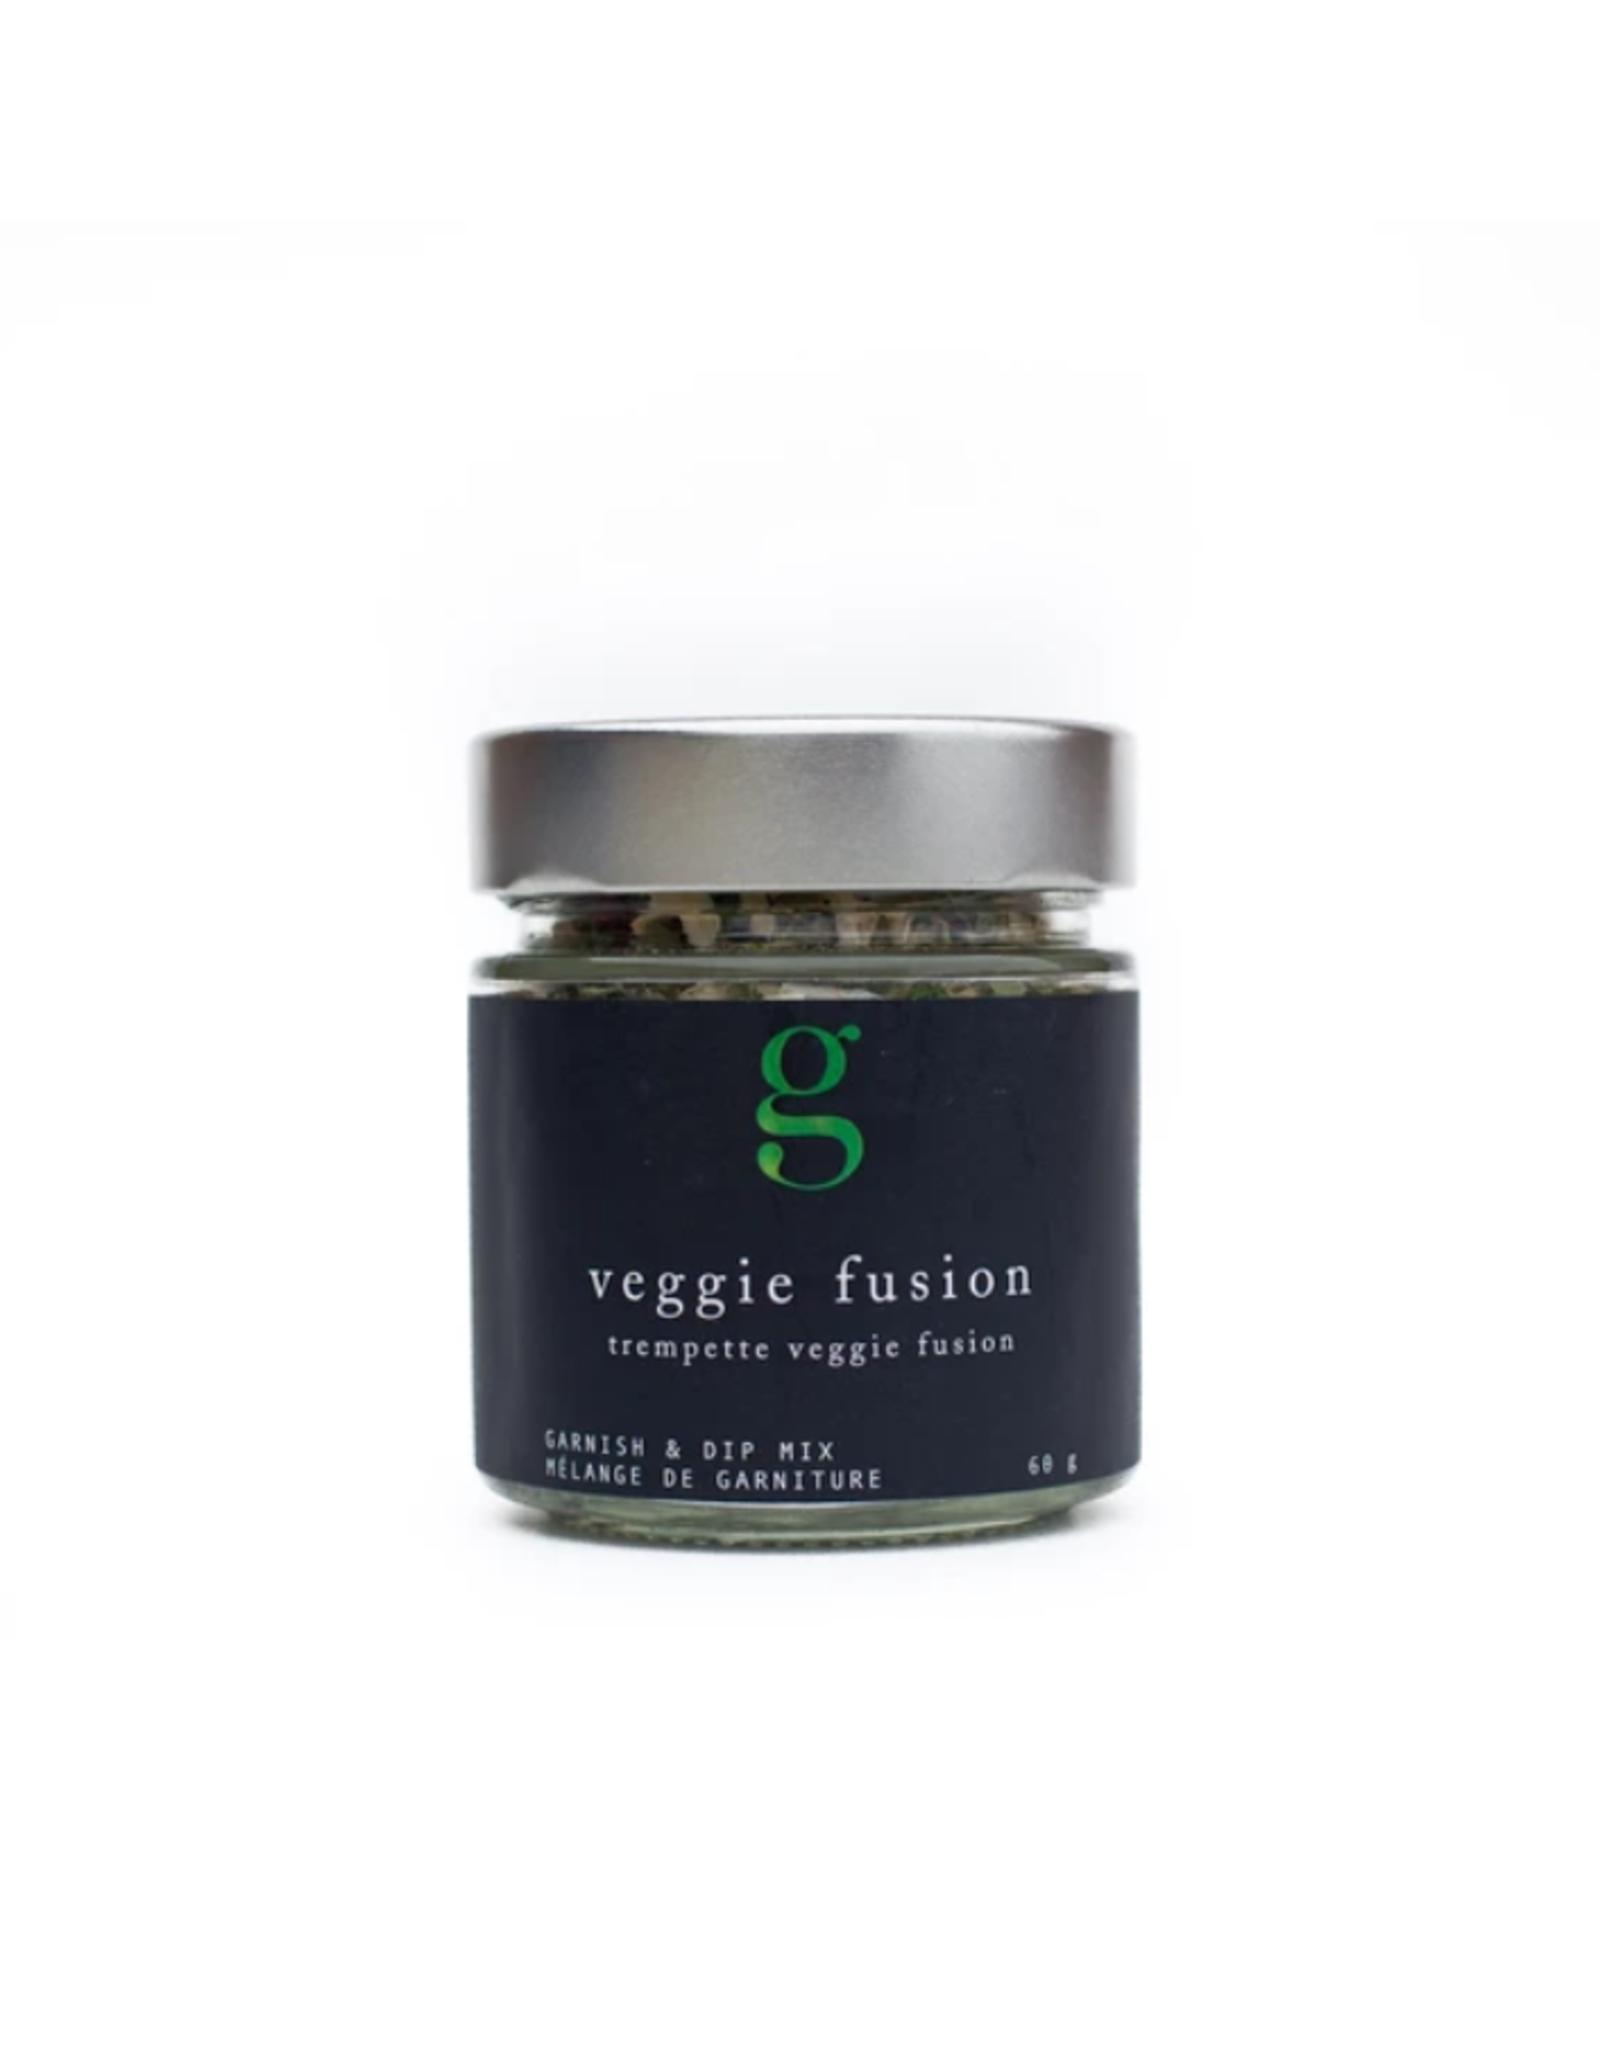 Gourmet Inspirations Gourmet Inspirations, Veggie Fusion Garnish/Dip Mix 68g